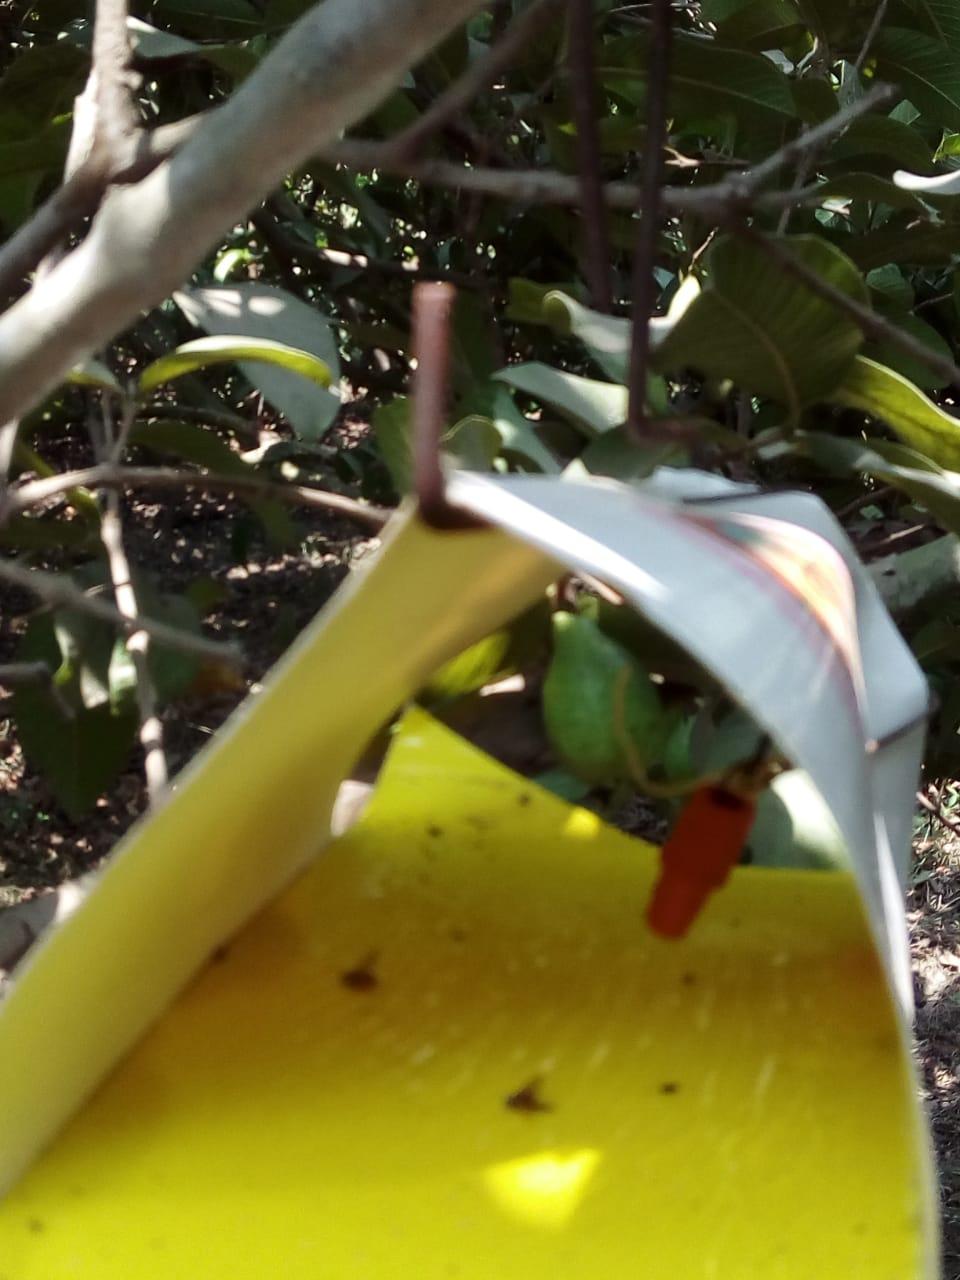 جنى محصول الجوافة (8)